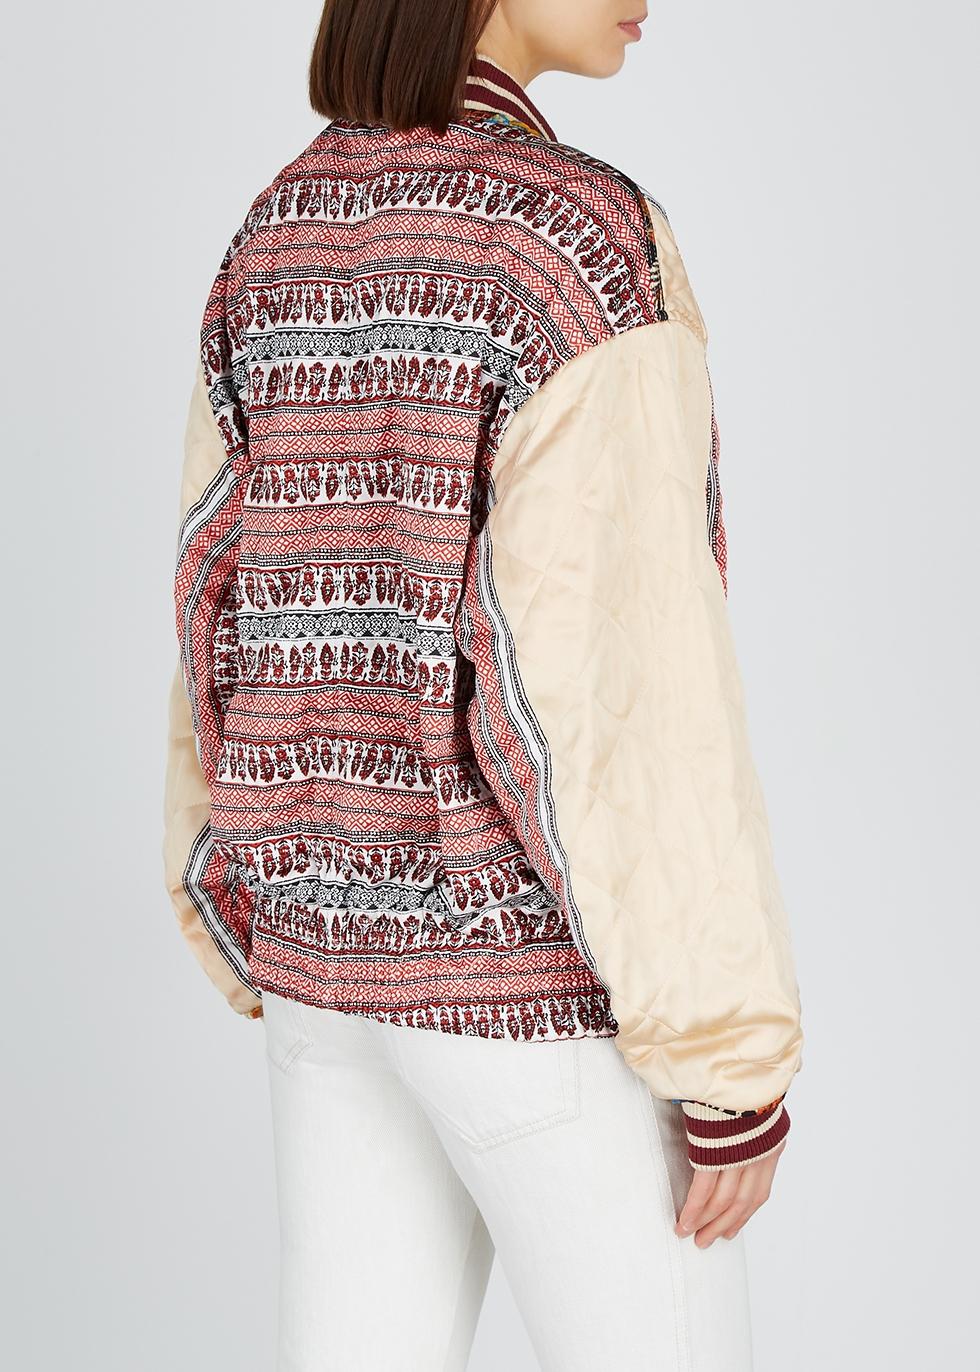 Pandora reversible satin bomber jacket - Free People